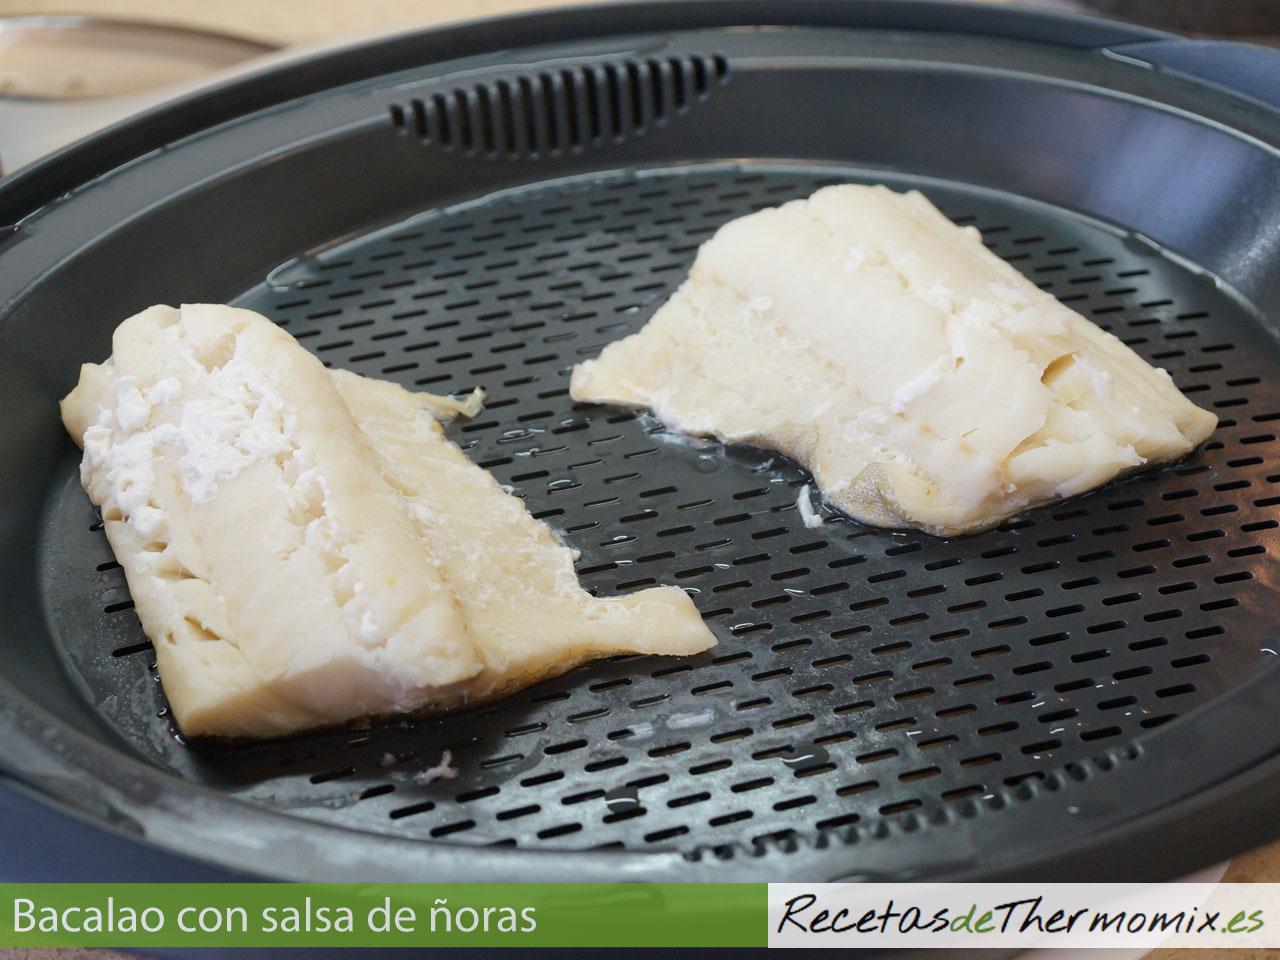 Cómo hacer bacalao con salsa de ñoras en Thermomix